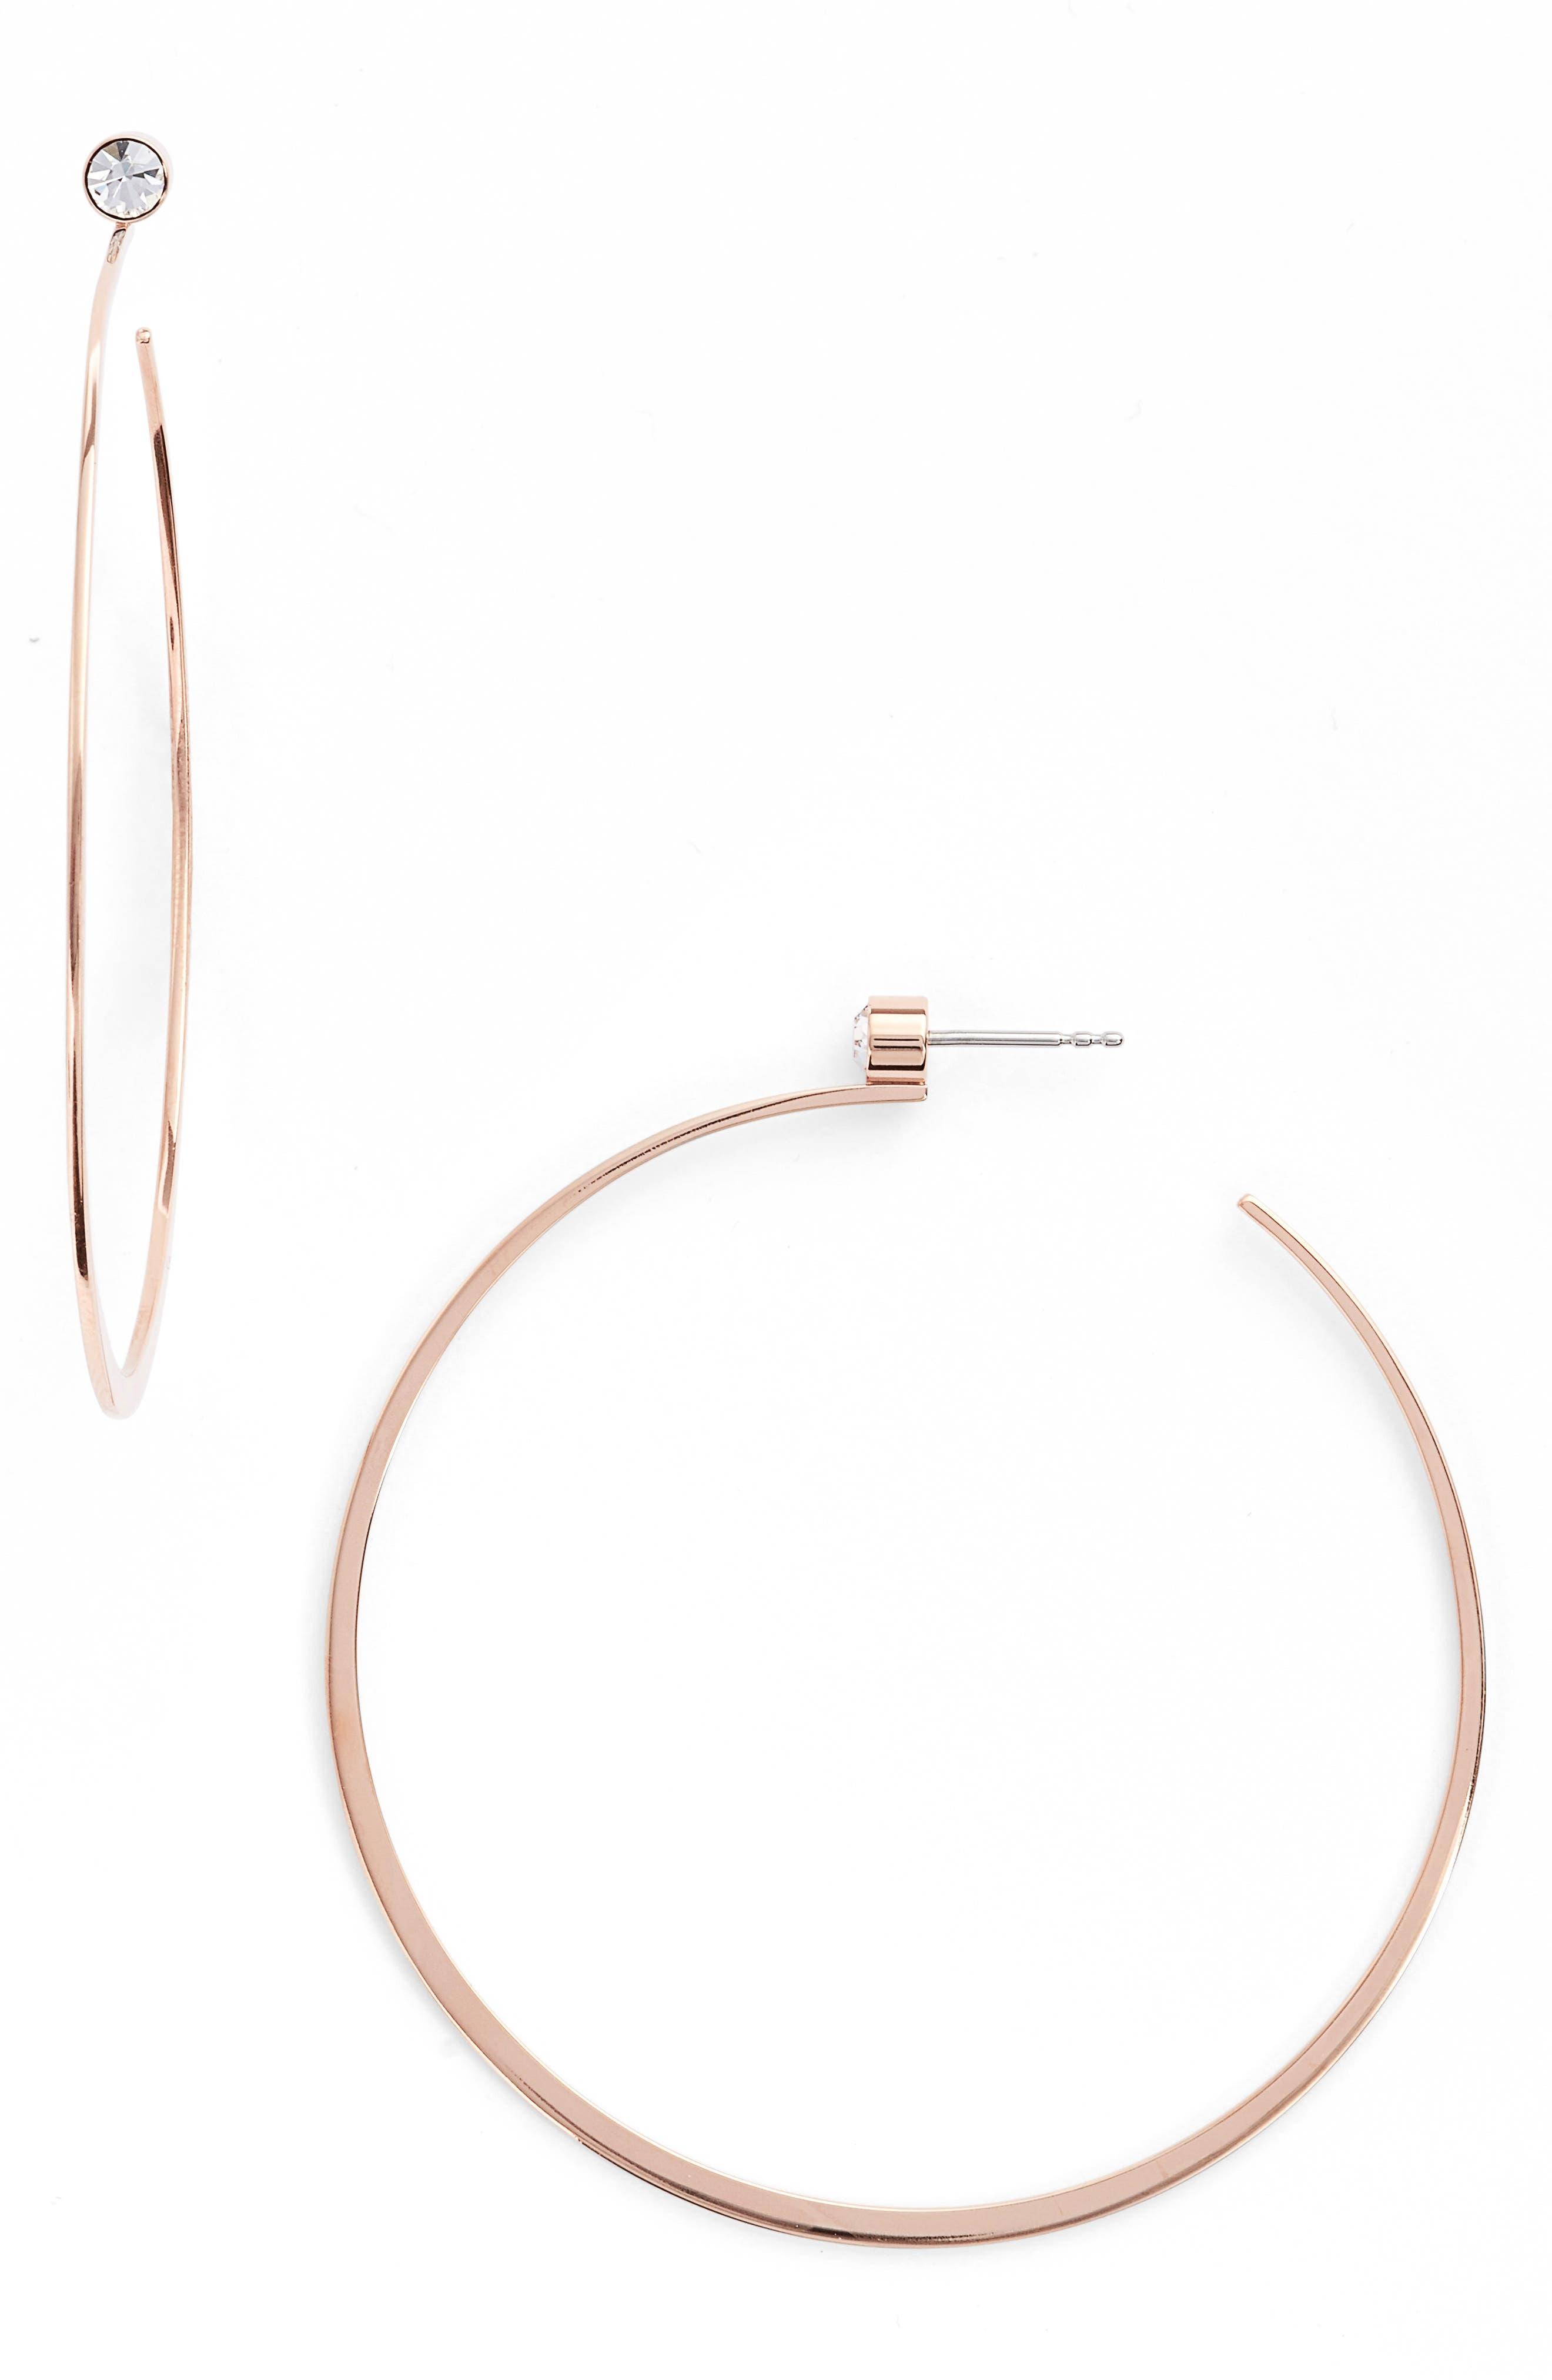 Michael Kors Large Hoop Earrings